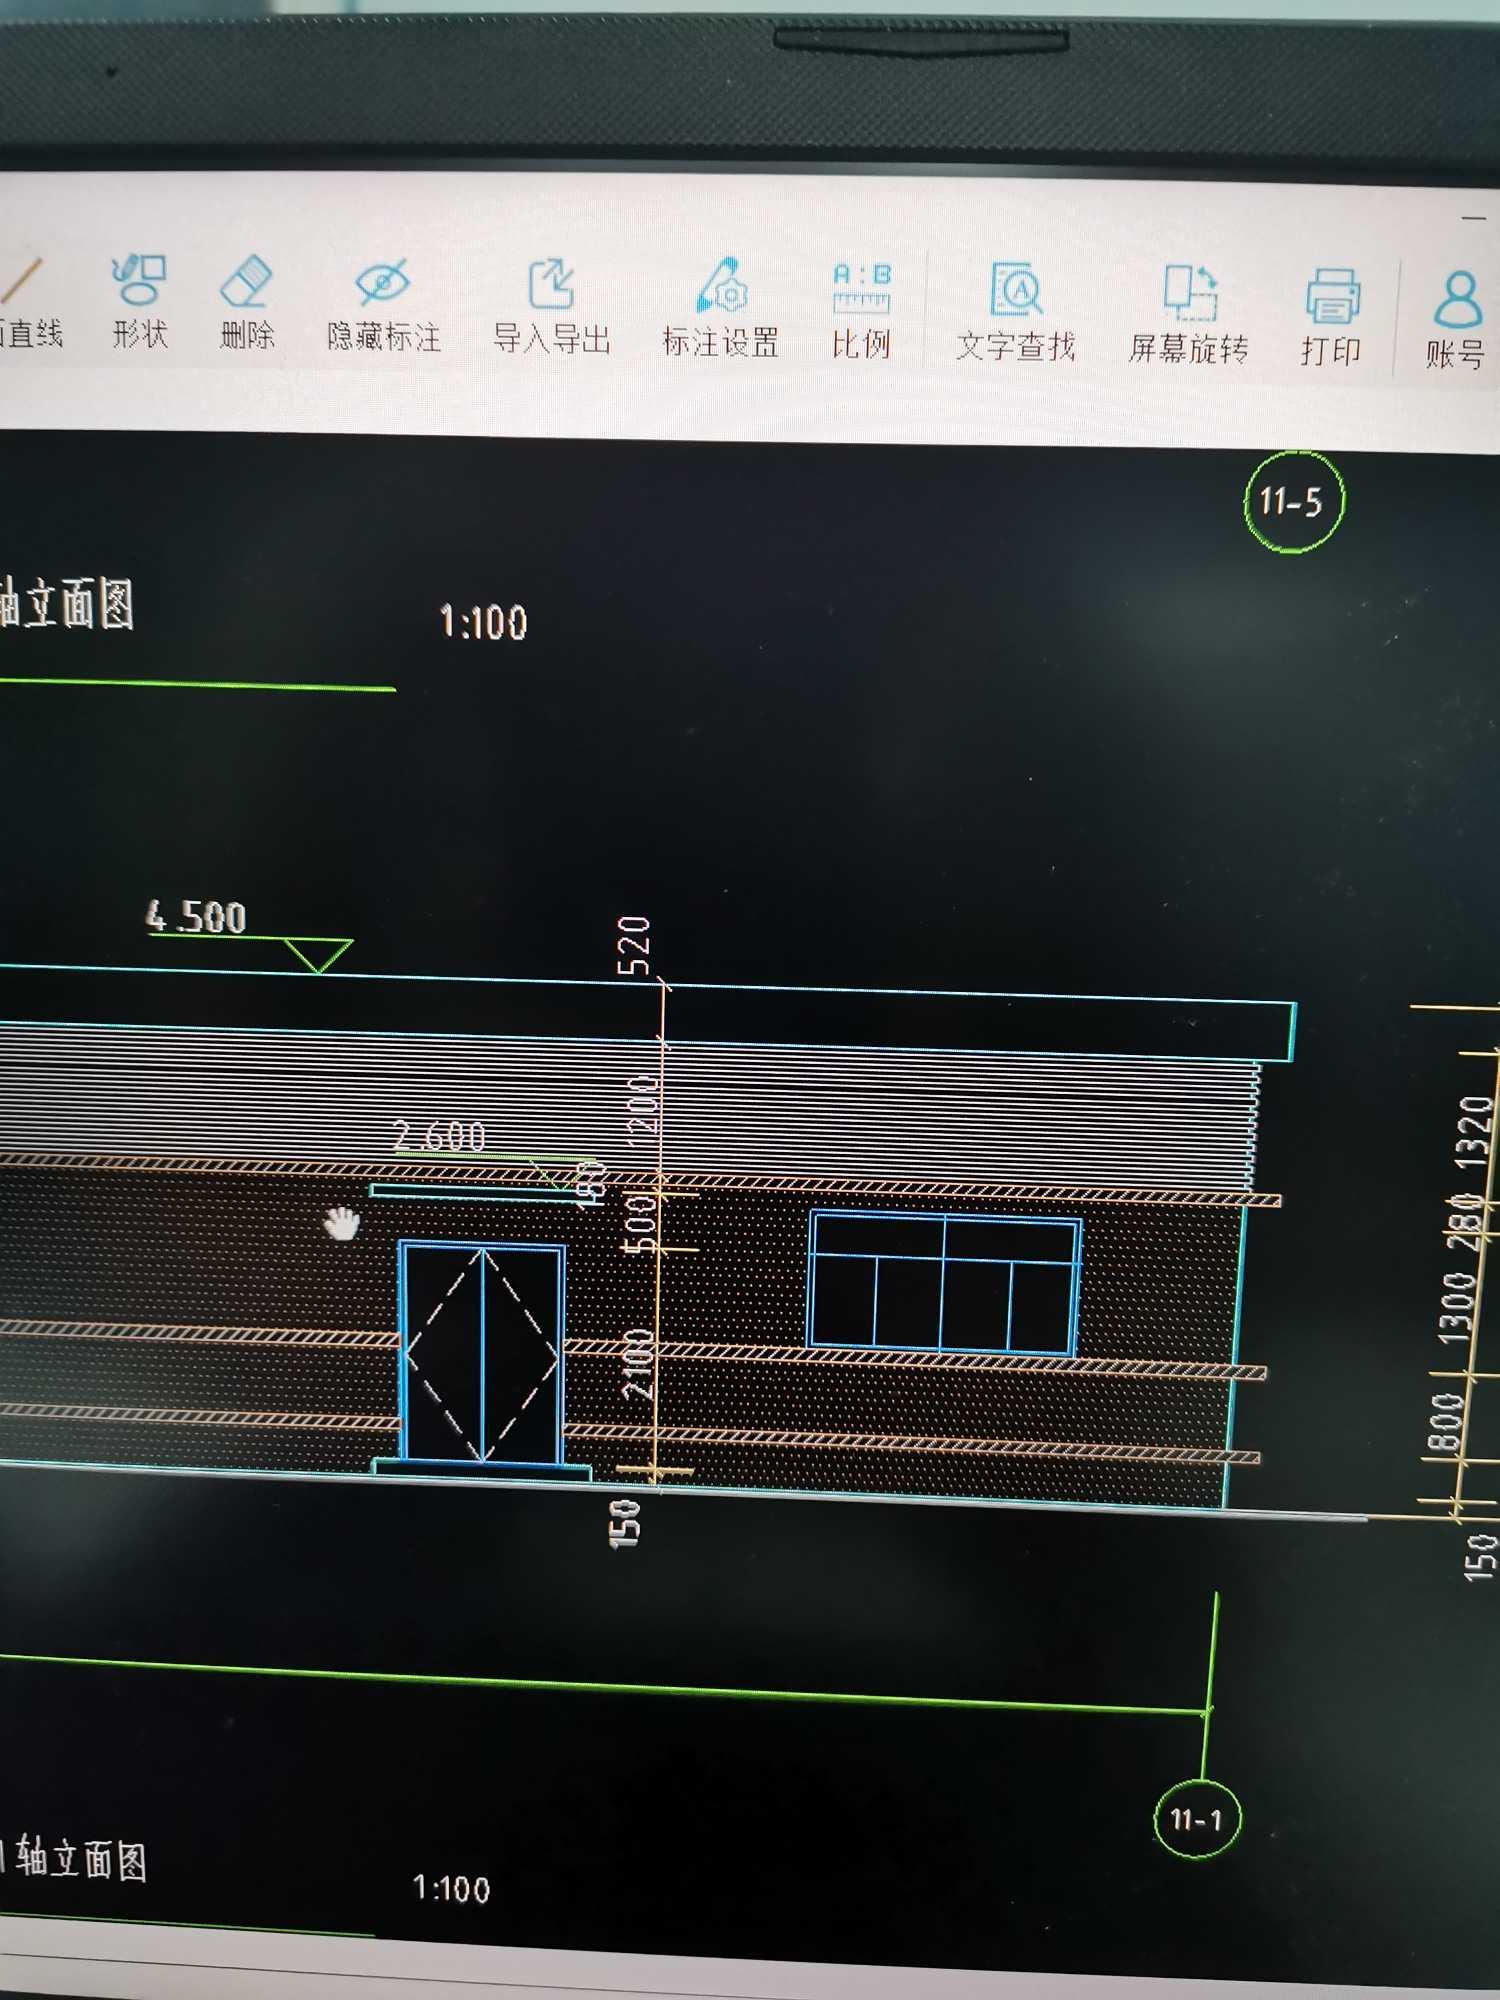 土建,土建计量GTJ,广东,预算,答疑:墙身绘制-广东土建,预算,土建计量GTJ,